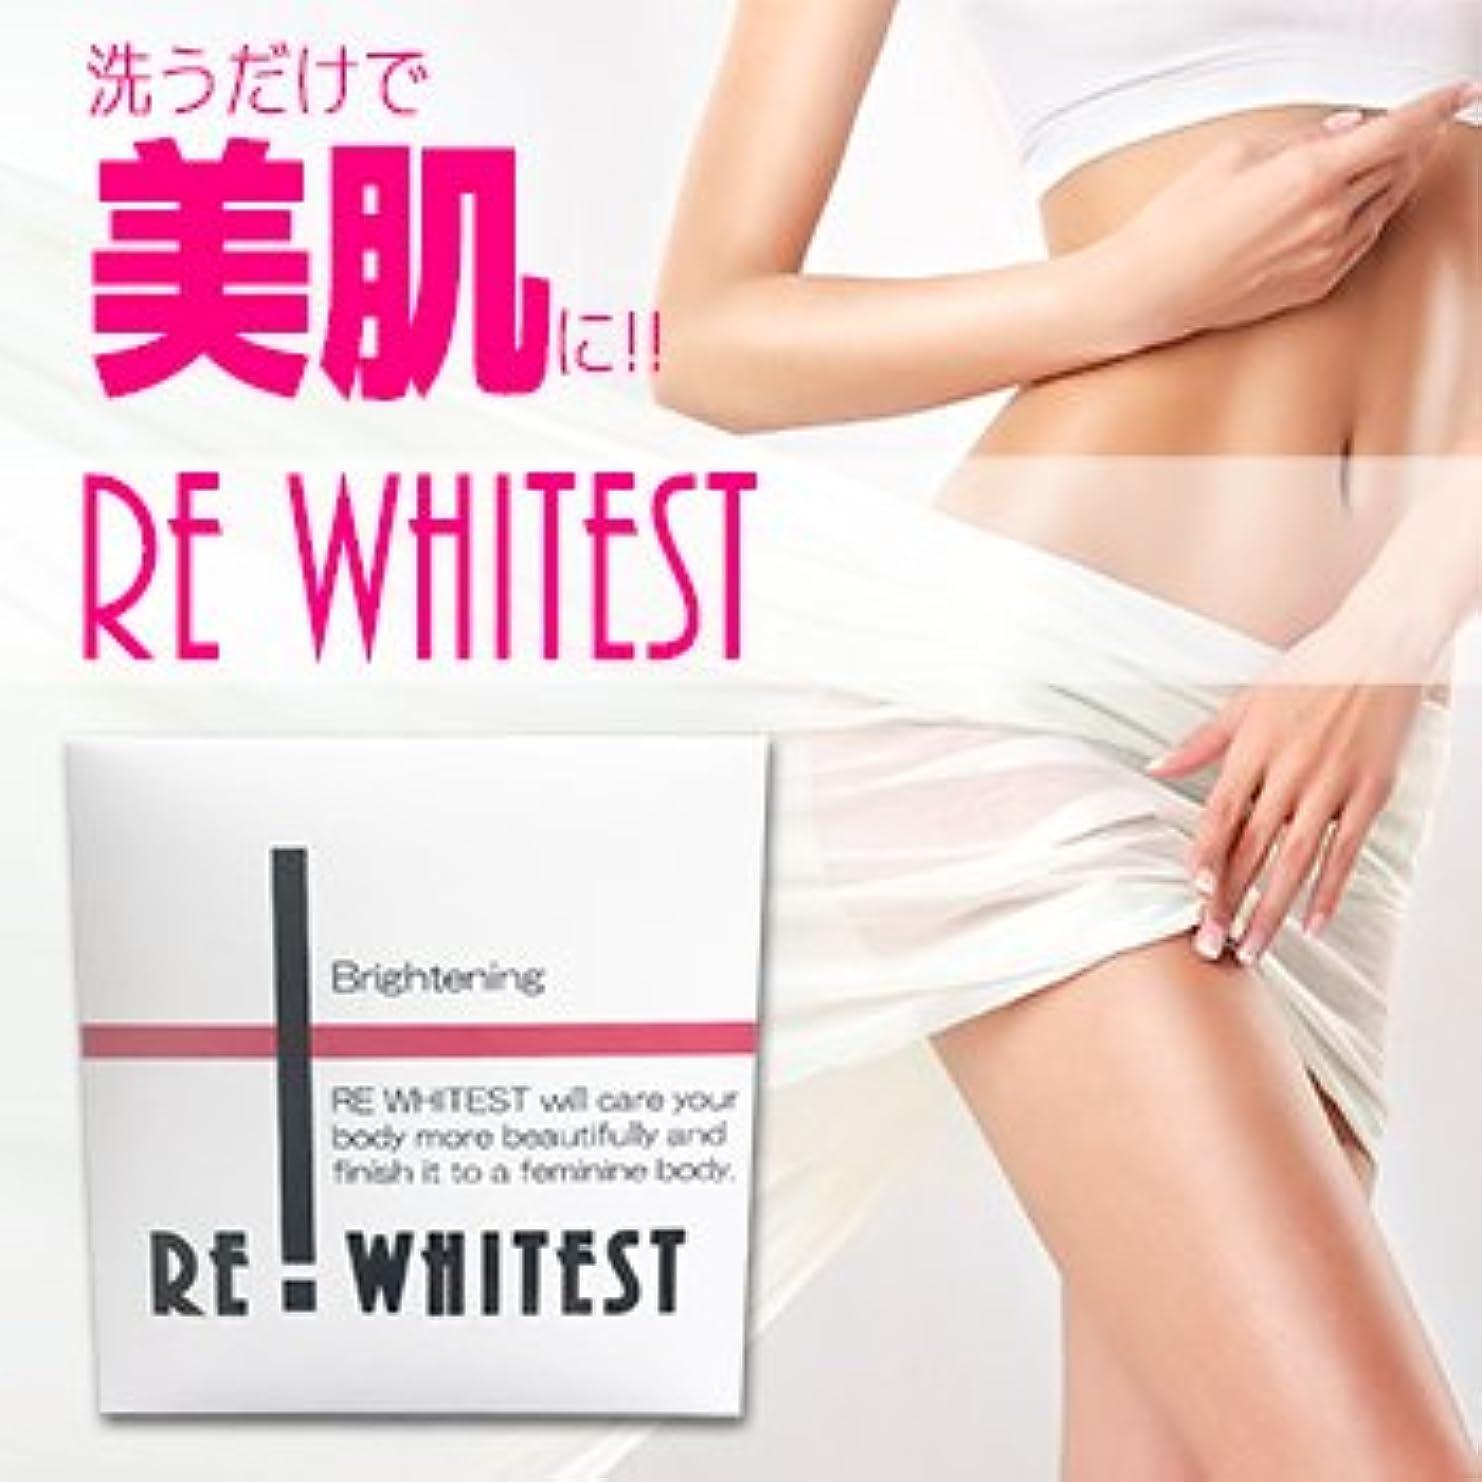 一過性バーガー円周パパイン+イソフラボン配合女性用美肌石鹸 REWHITEST-リホワイテスト-